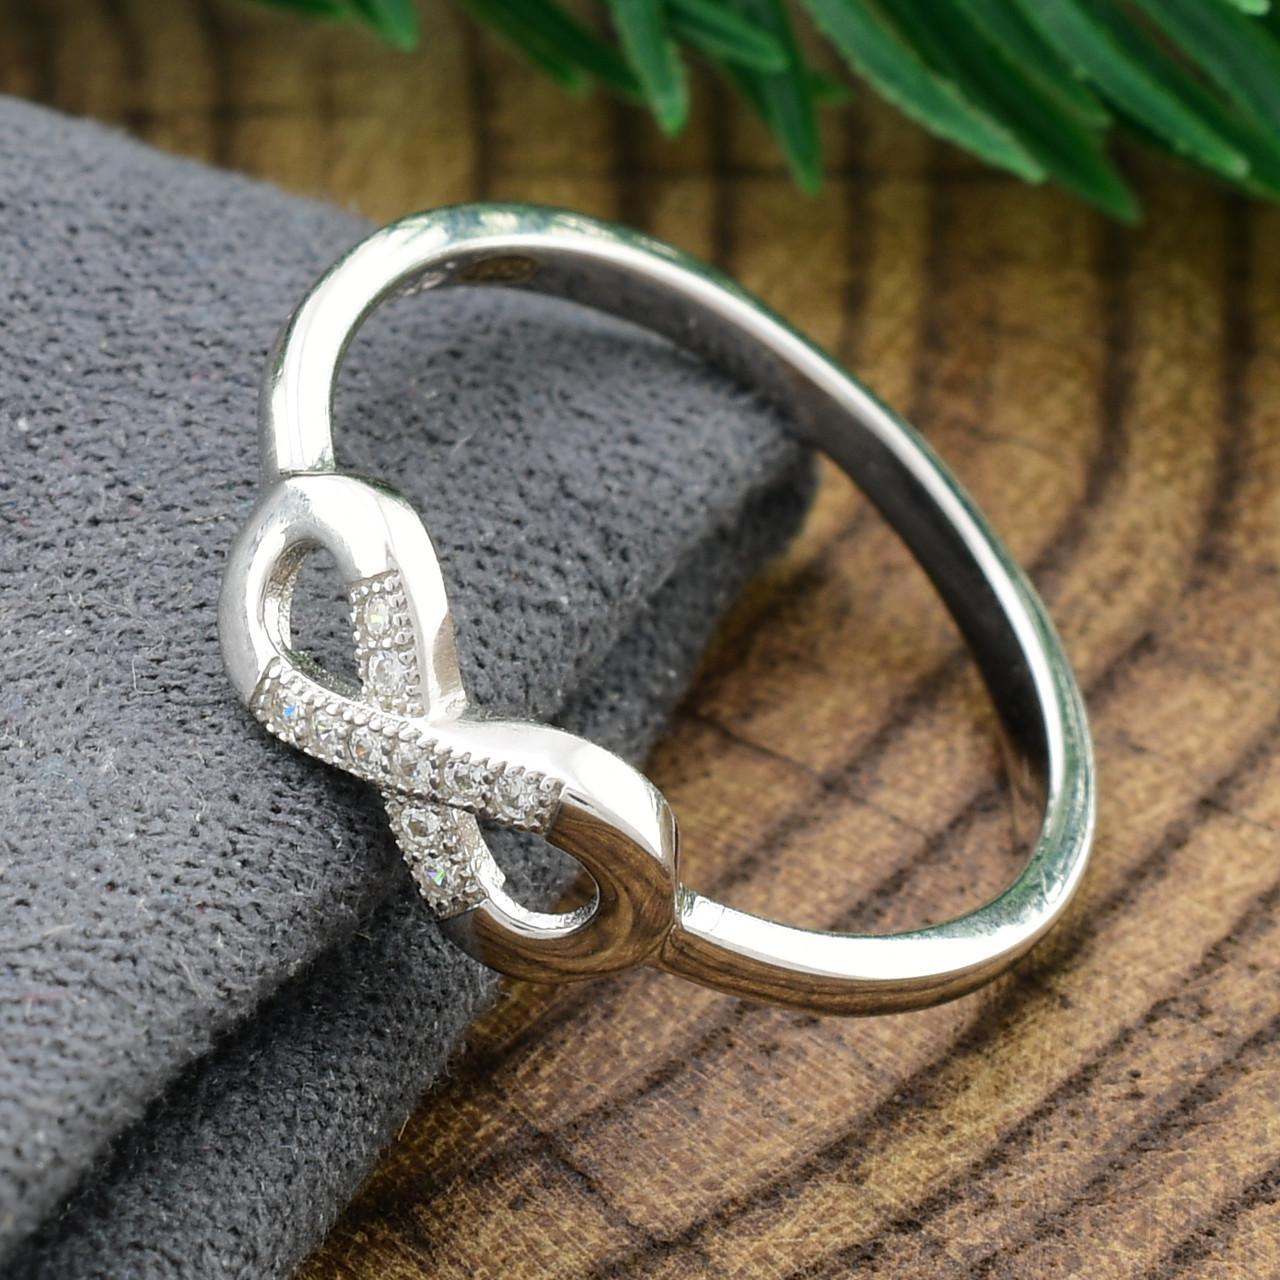 Серебряное кольцо Бесконечность вставка белые фианиты вес 1.4 г размер 17.5